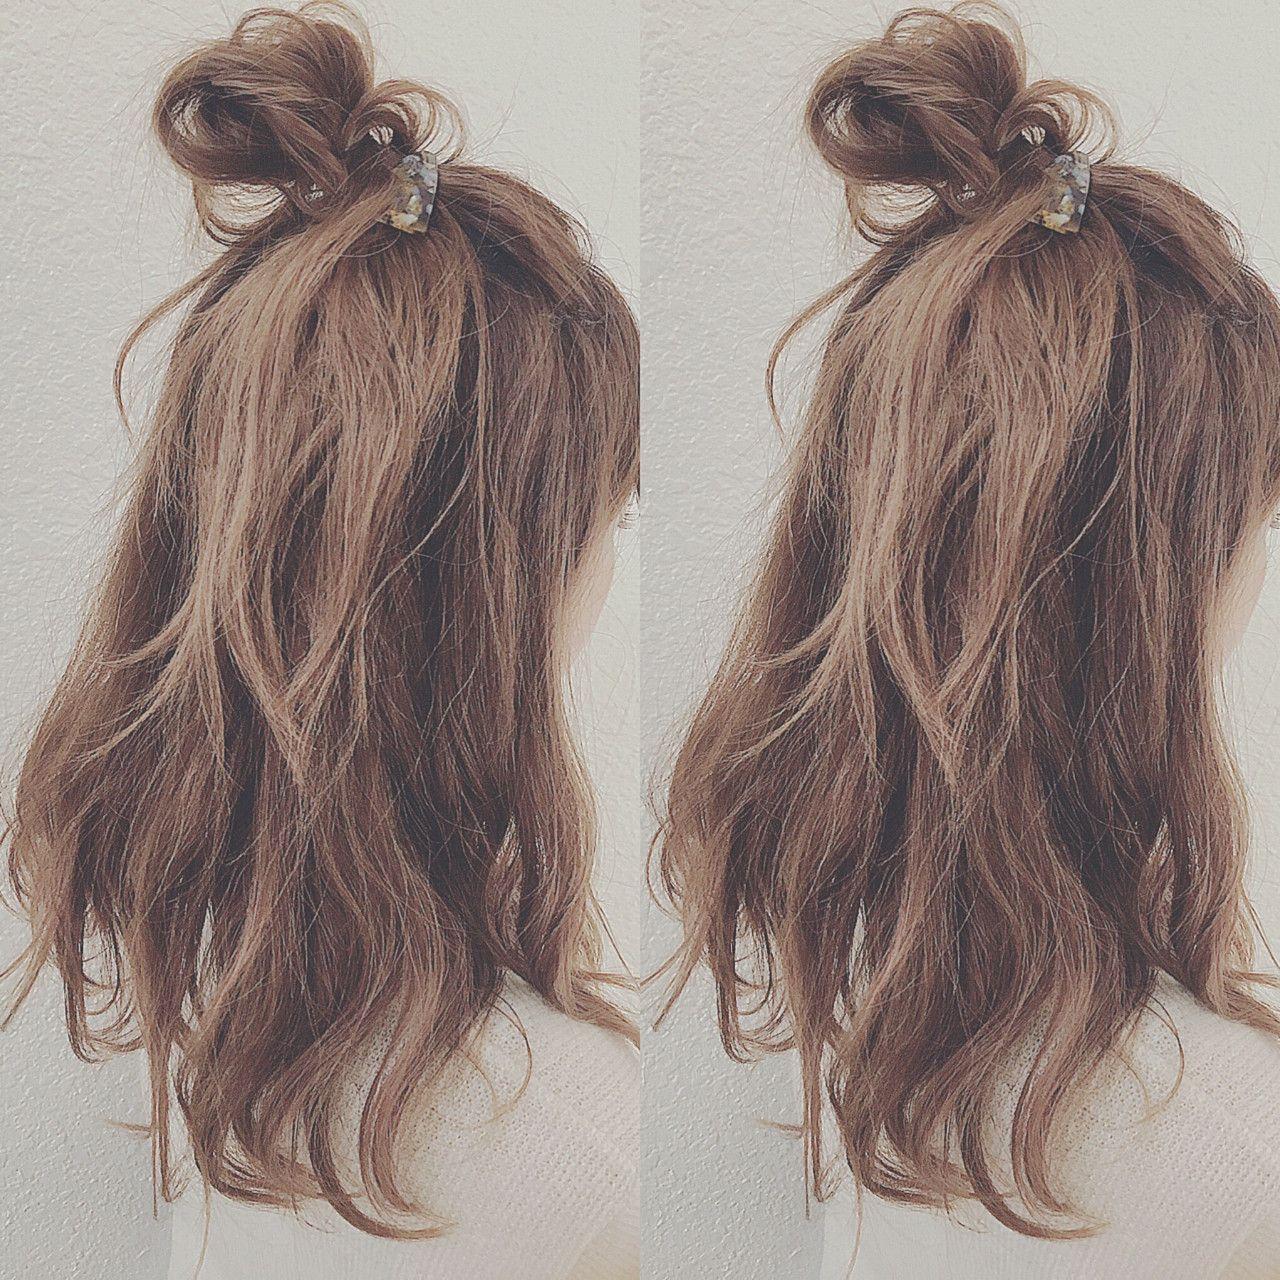 簡単 かわいい モテる その髪形はハーフアップ Hair 髪型